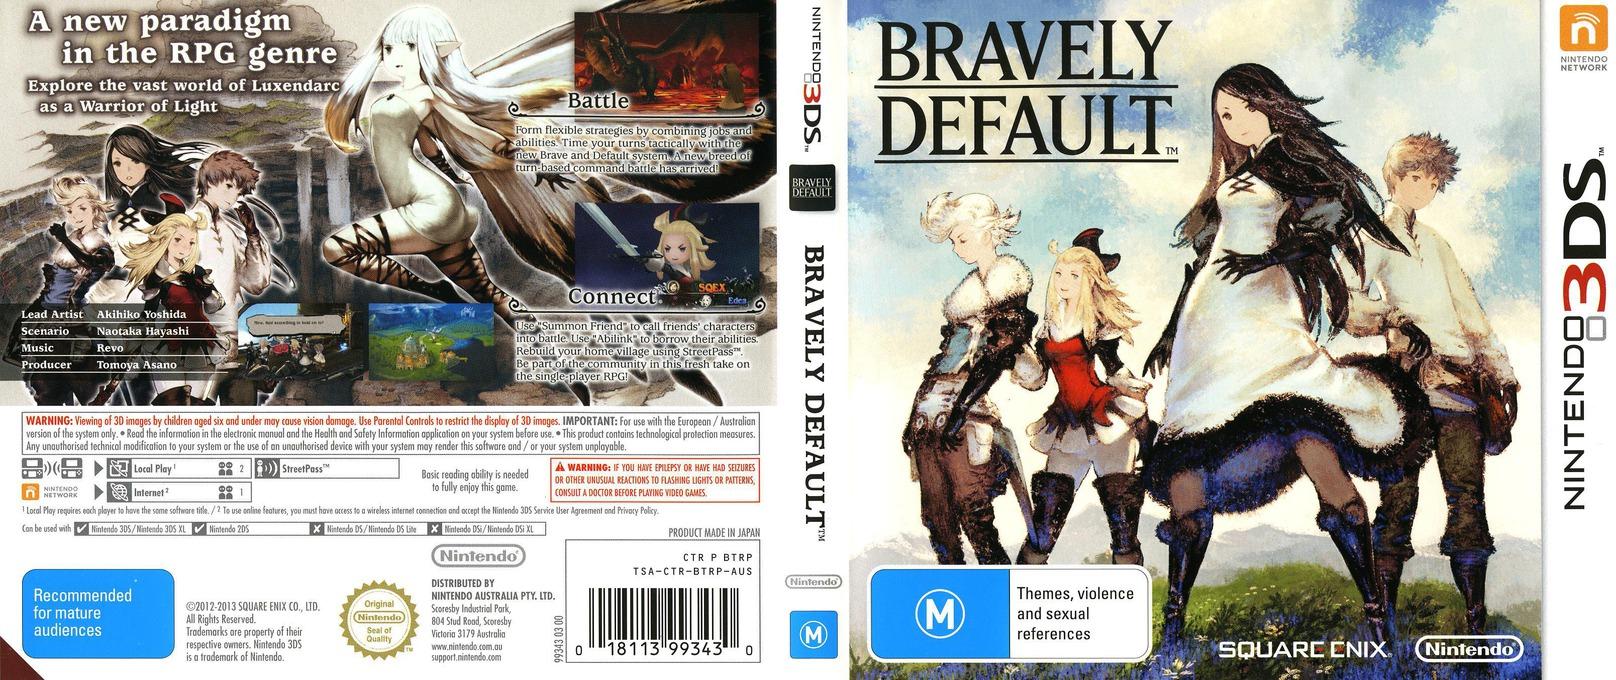 Bravely Default 3DS coverfullHQ (BTRP)